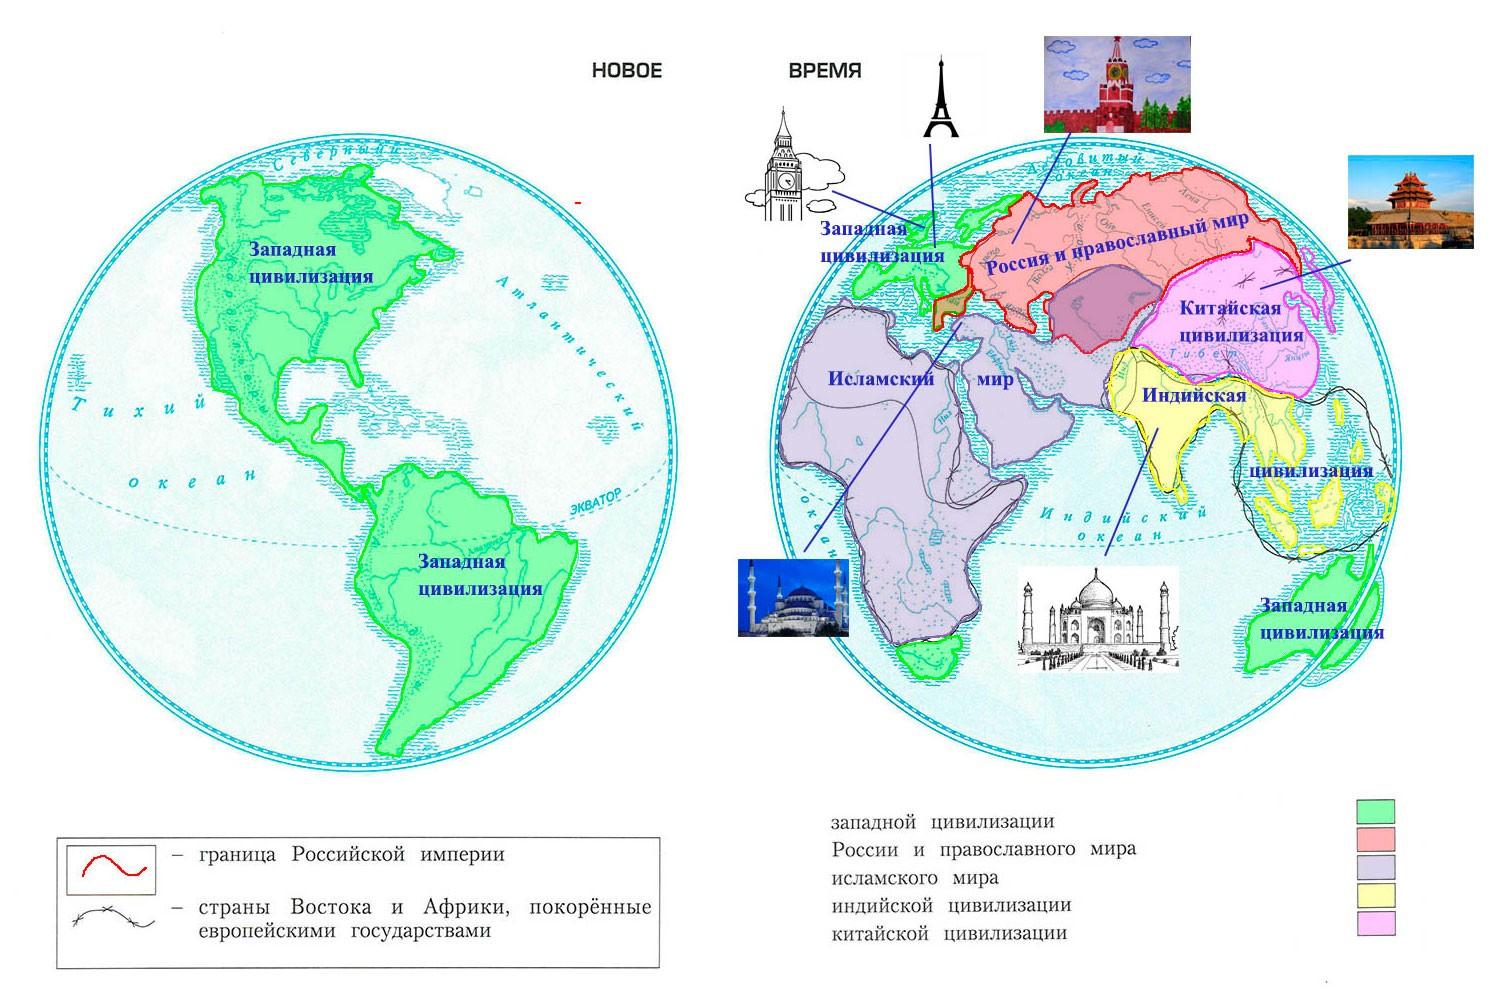 """Контурная карта """"Новое время"""" - Харитонова 4 класс 2 часть. Рабочая тетрадь"""